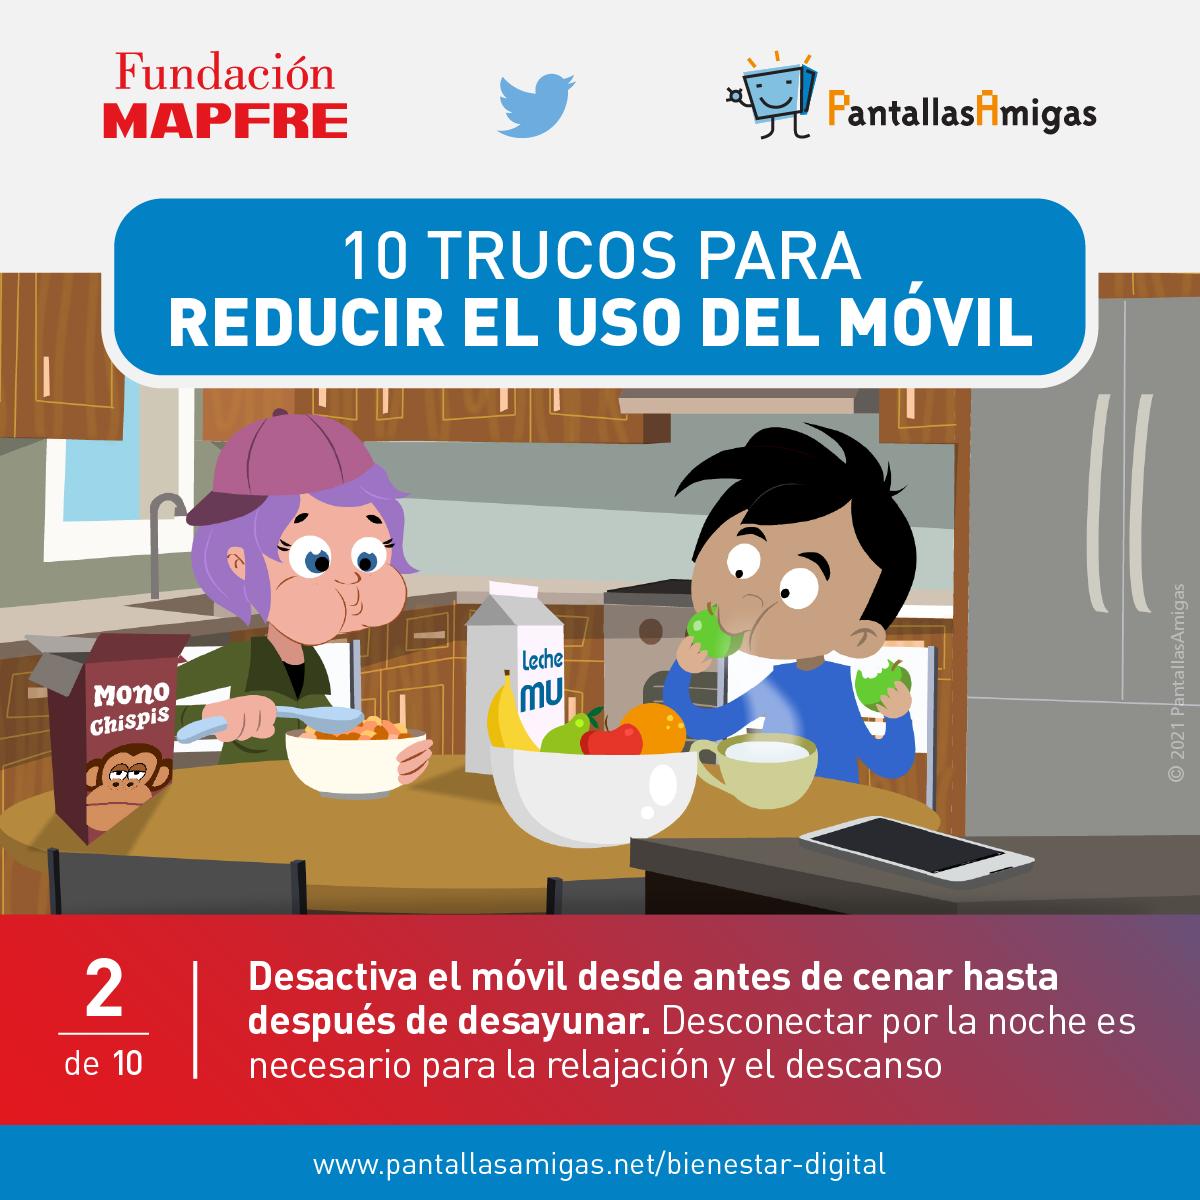 Desactiva el móvil desde antes de cenar hasta después de desayunar